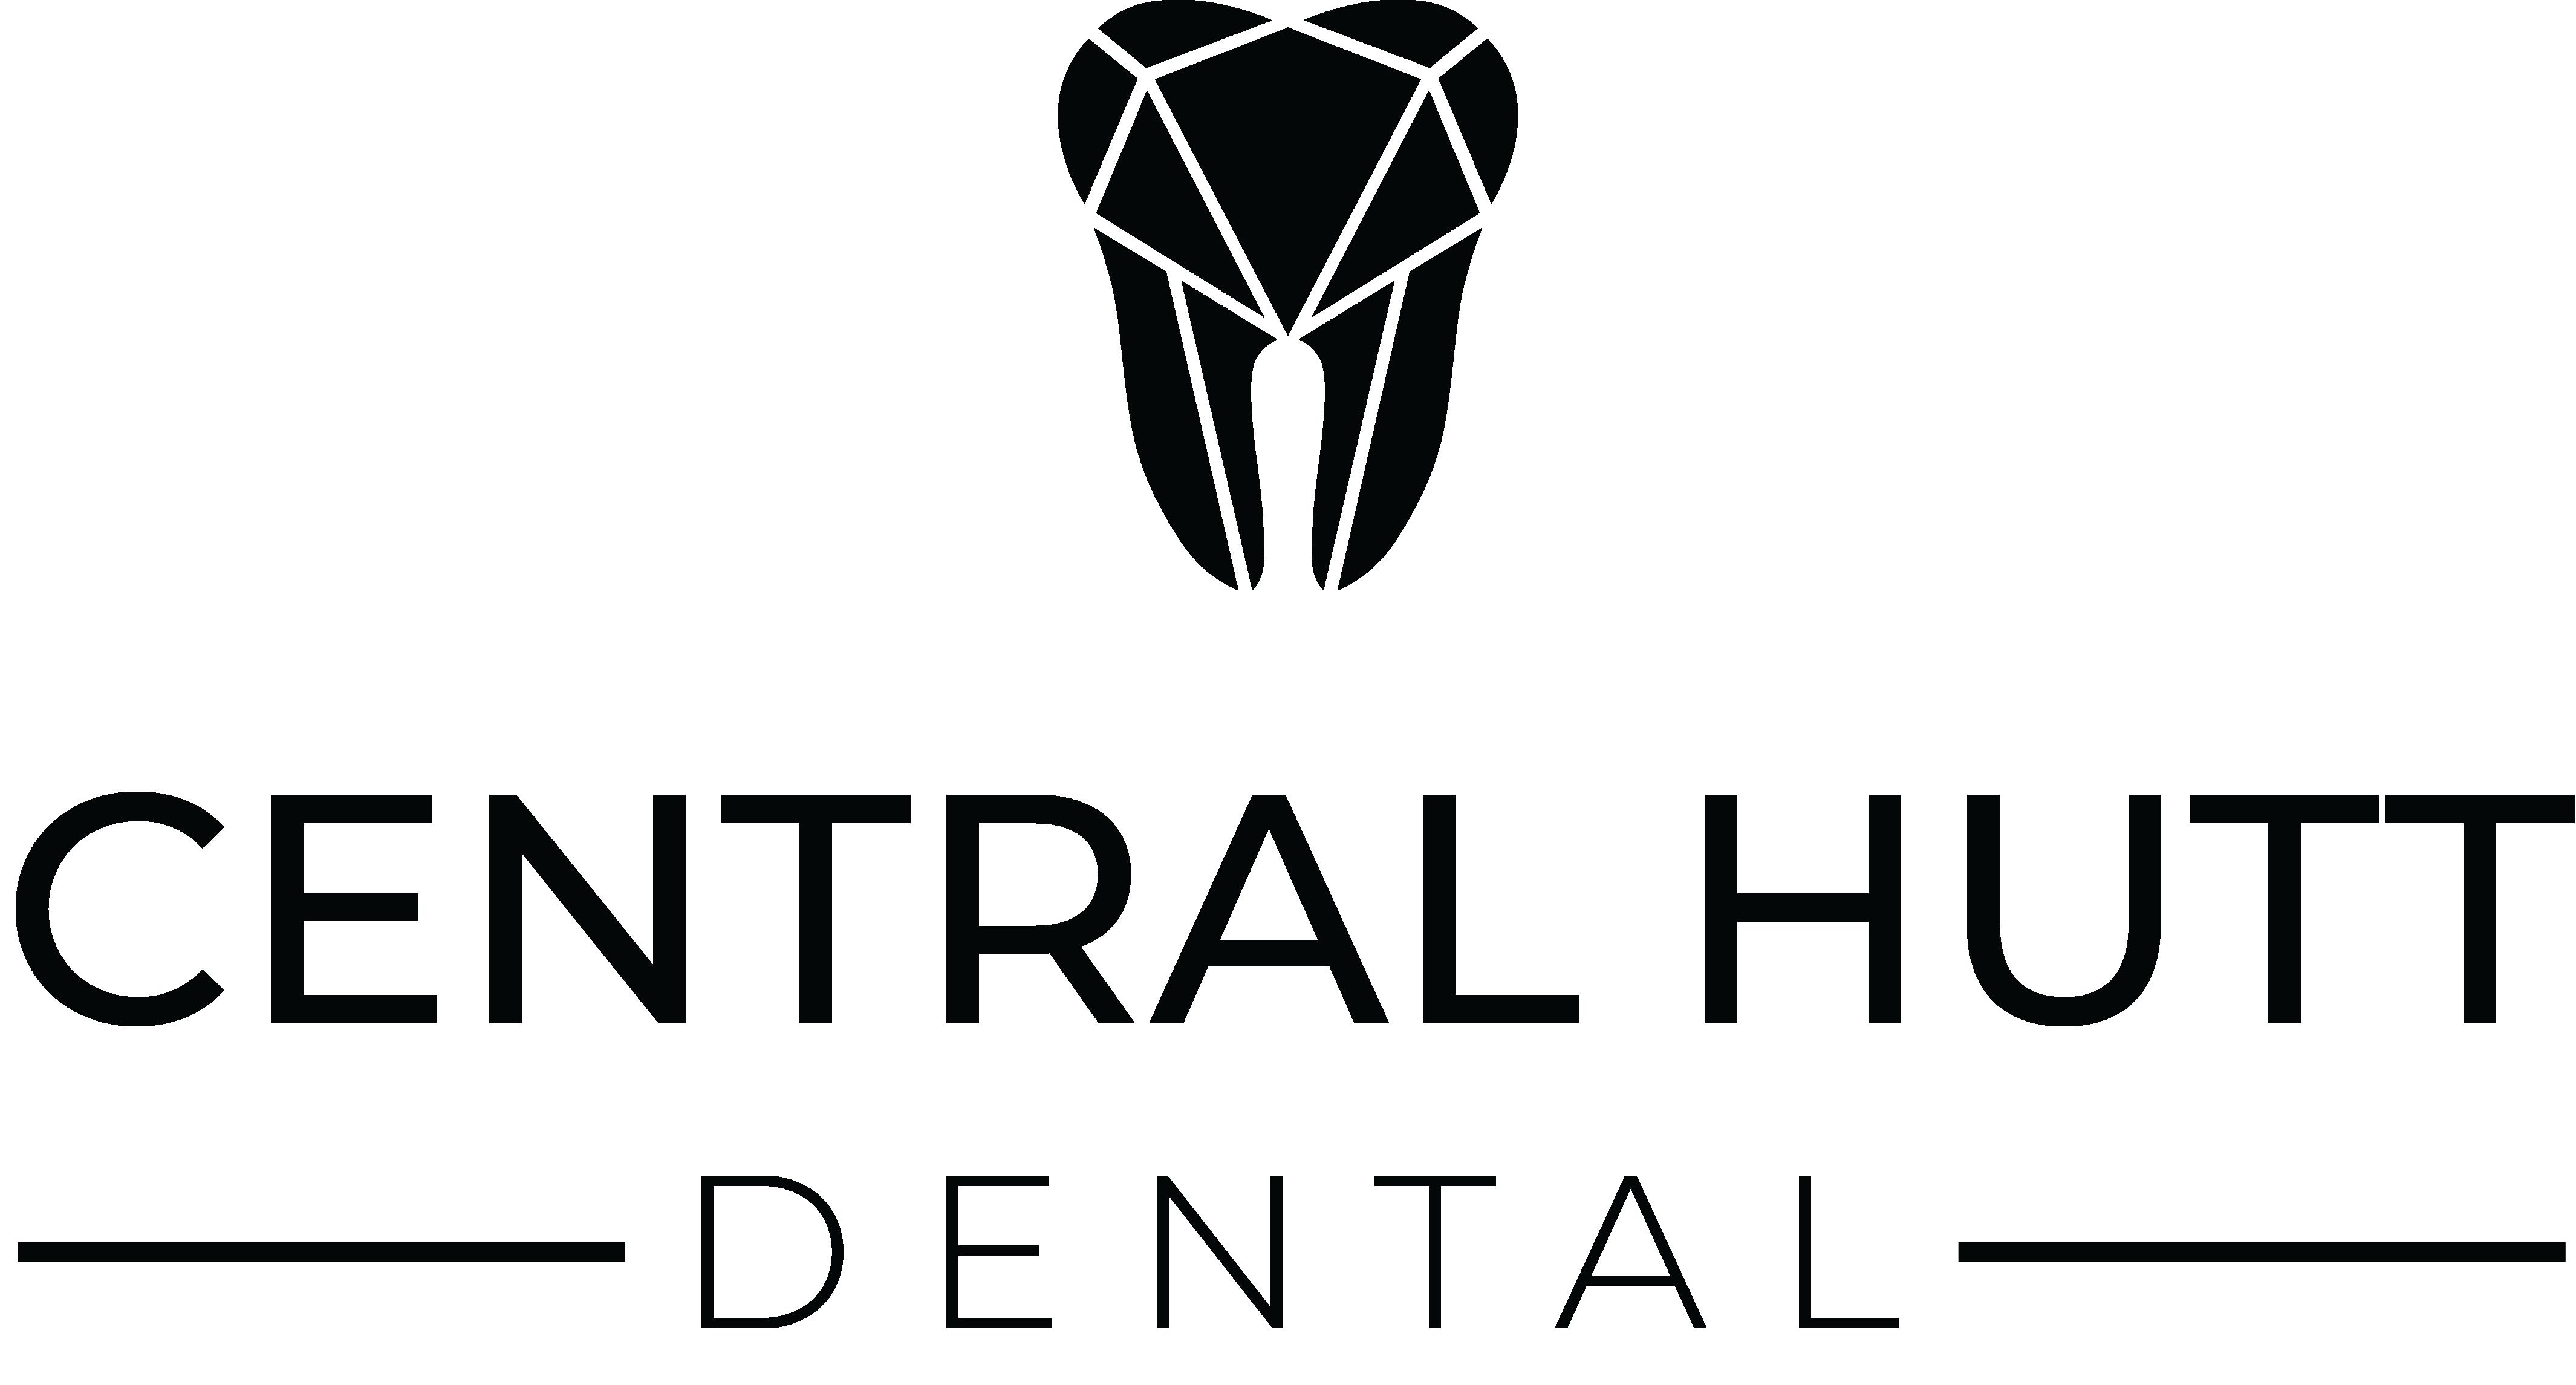 Central Hutt Dental